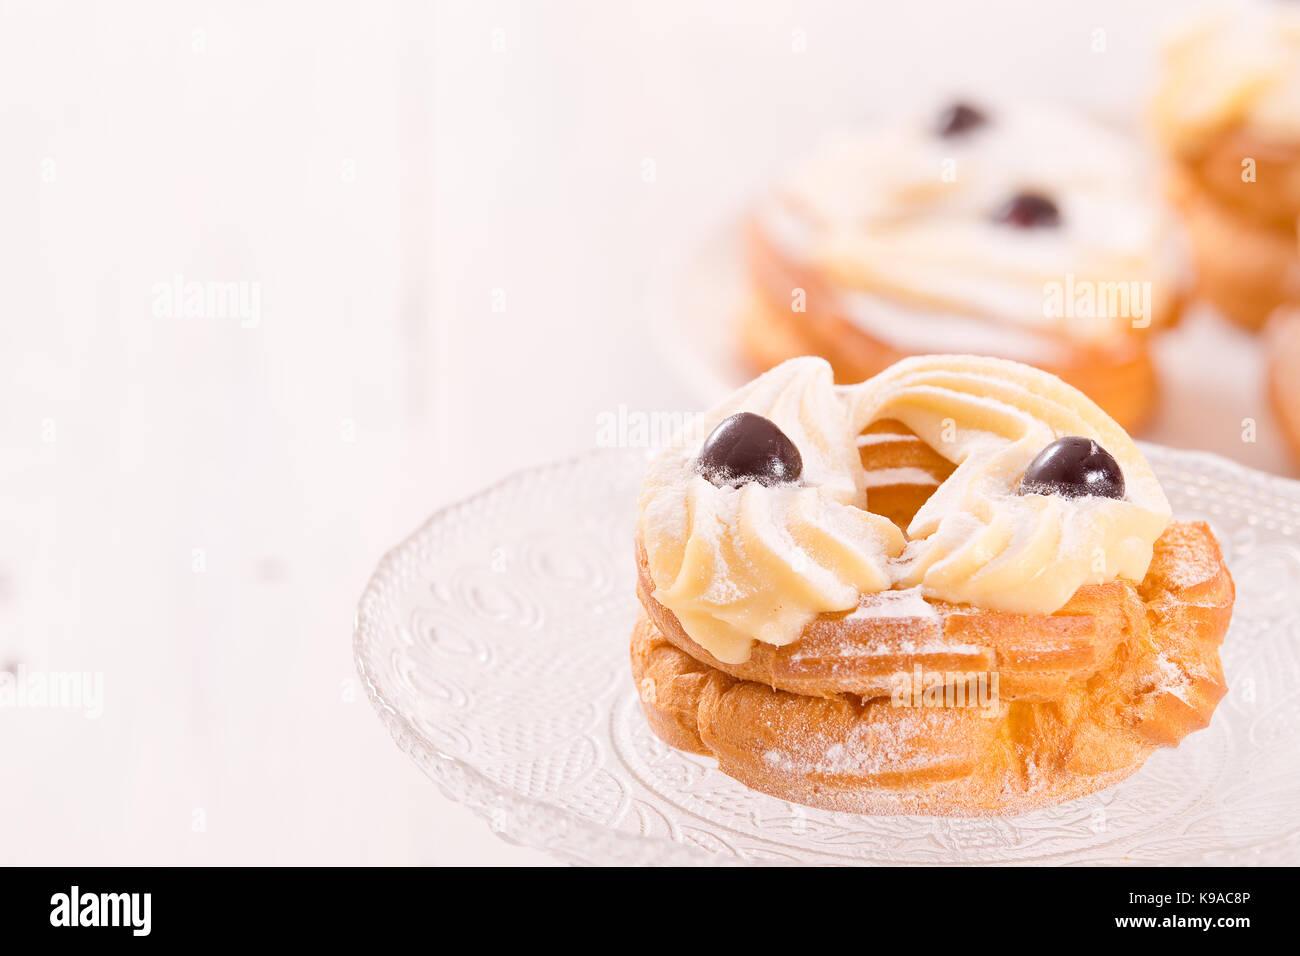 Zeppole avec la crème pâtissière. Photo Stock